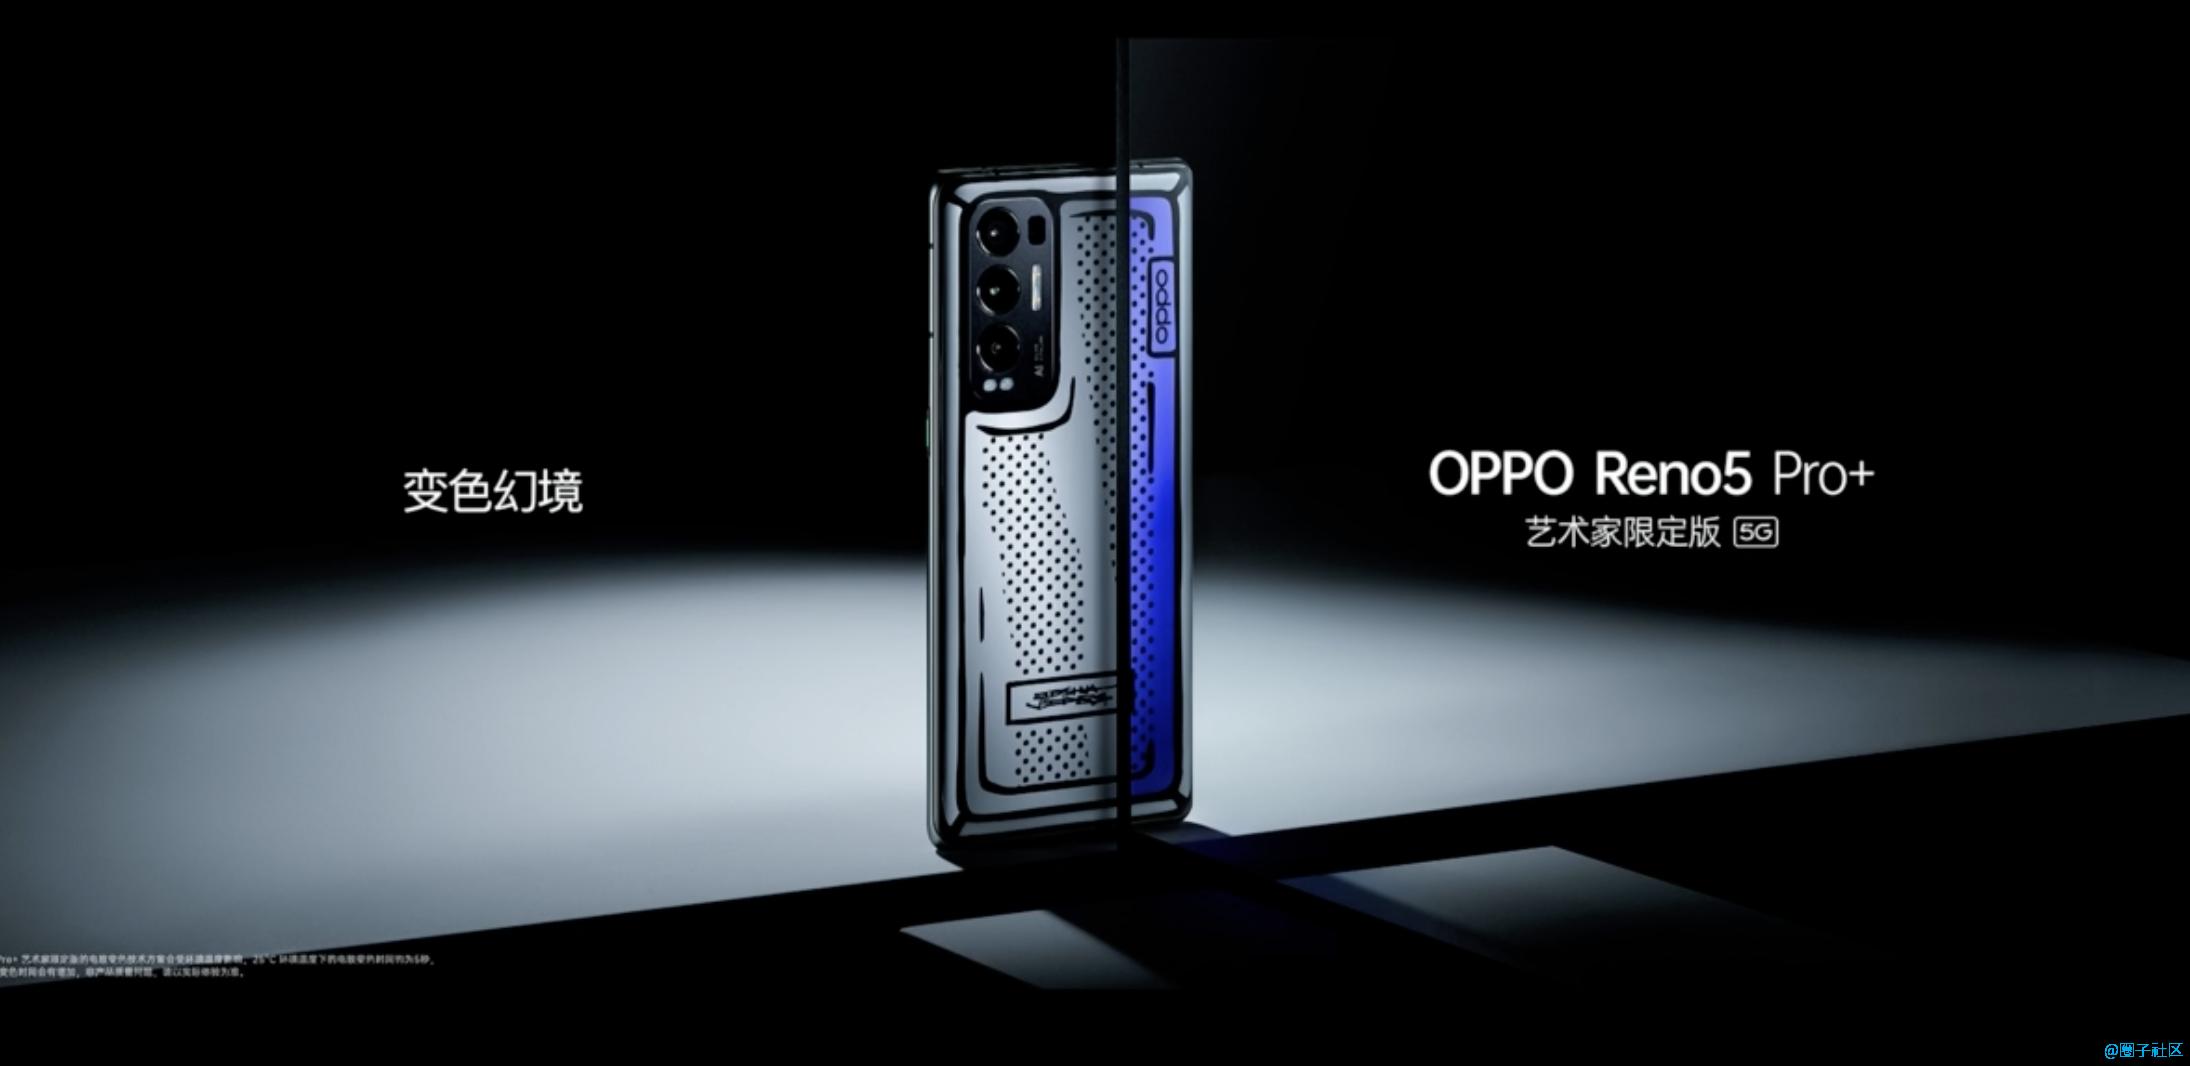 首发电致变色技术 OPPO Reno5 Pro+搭载旗舰IMX766正式发布